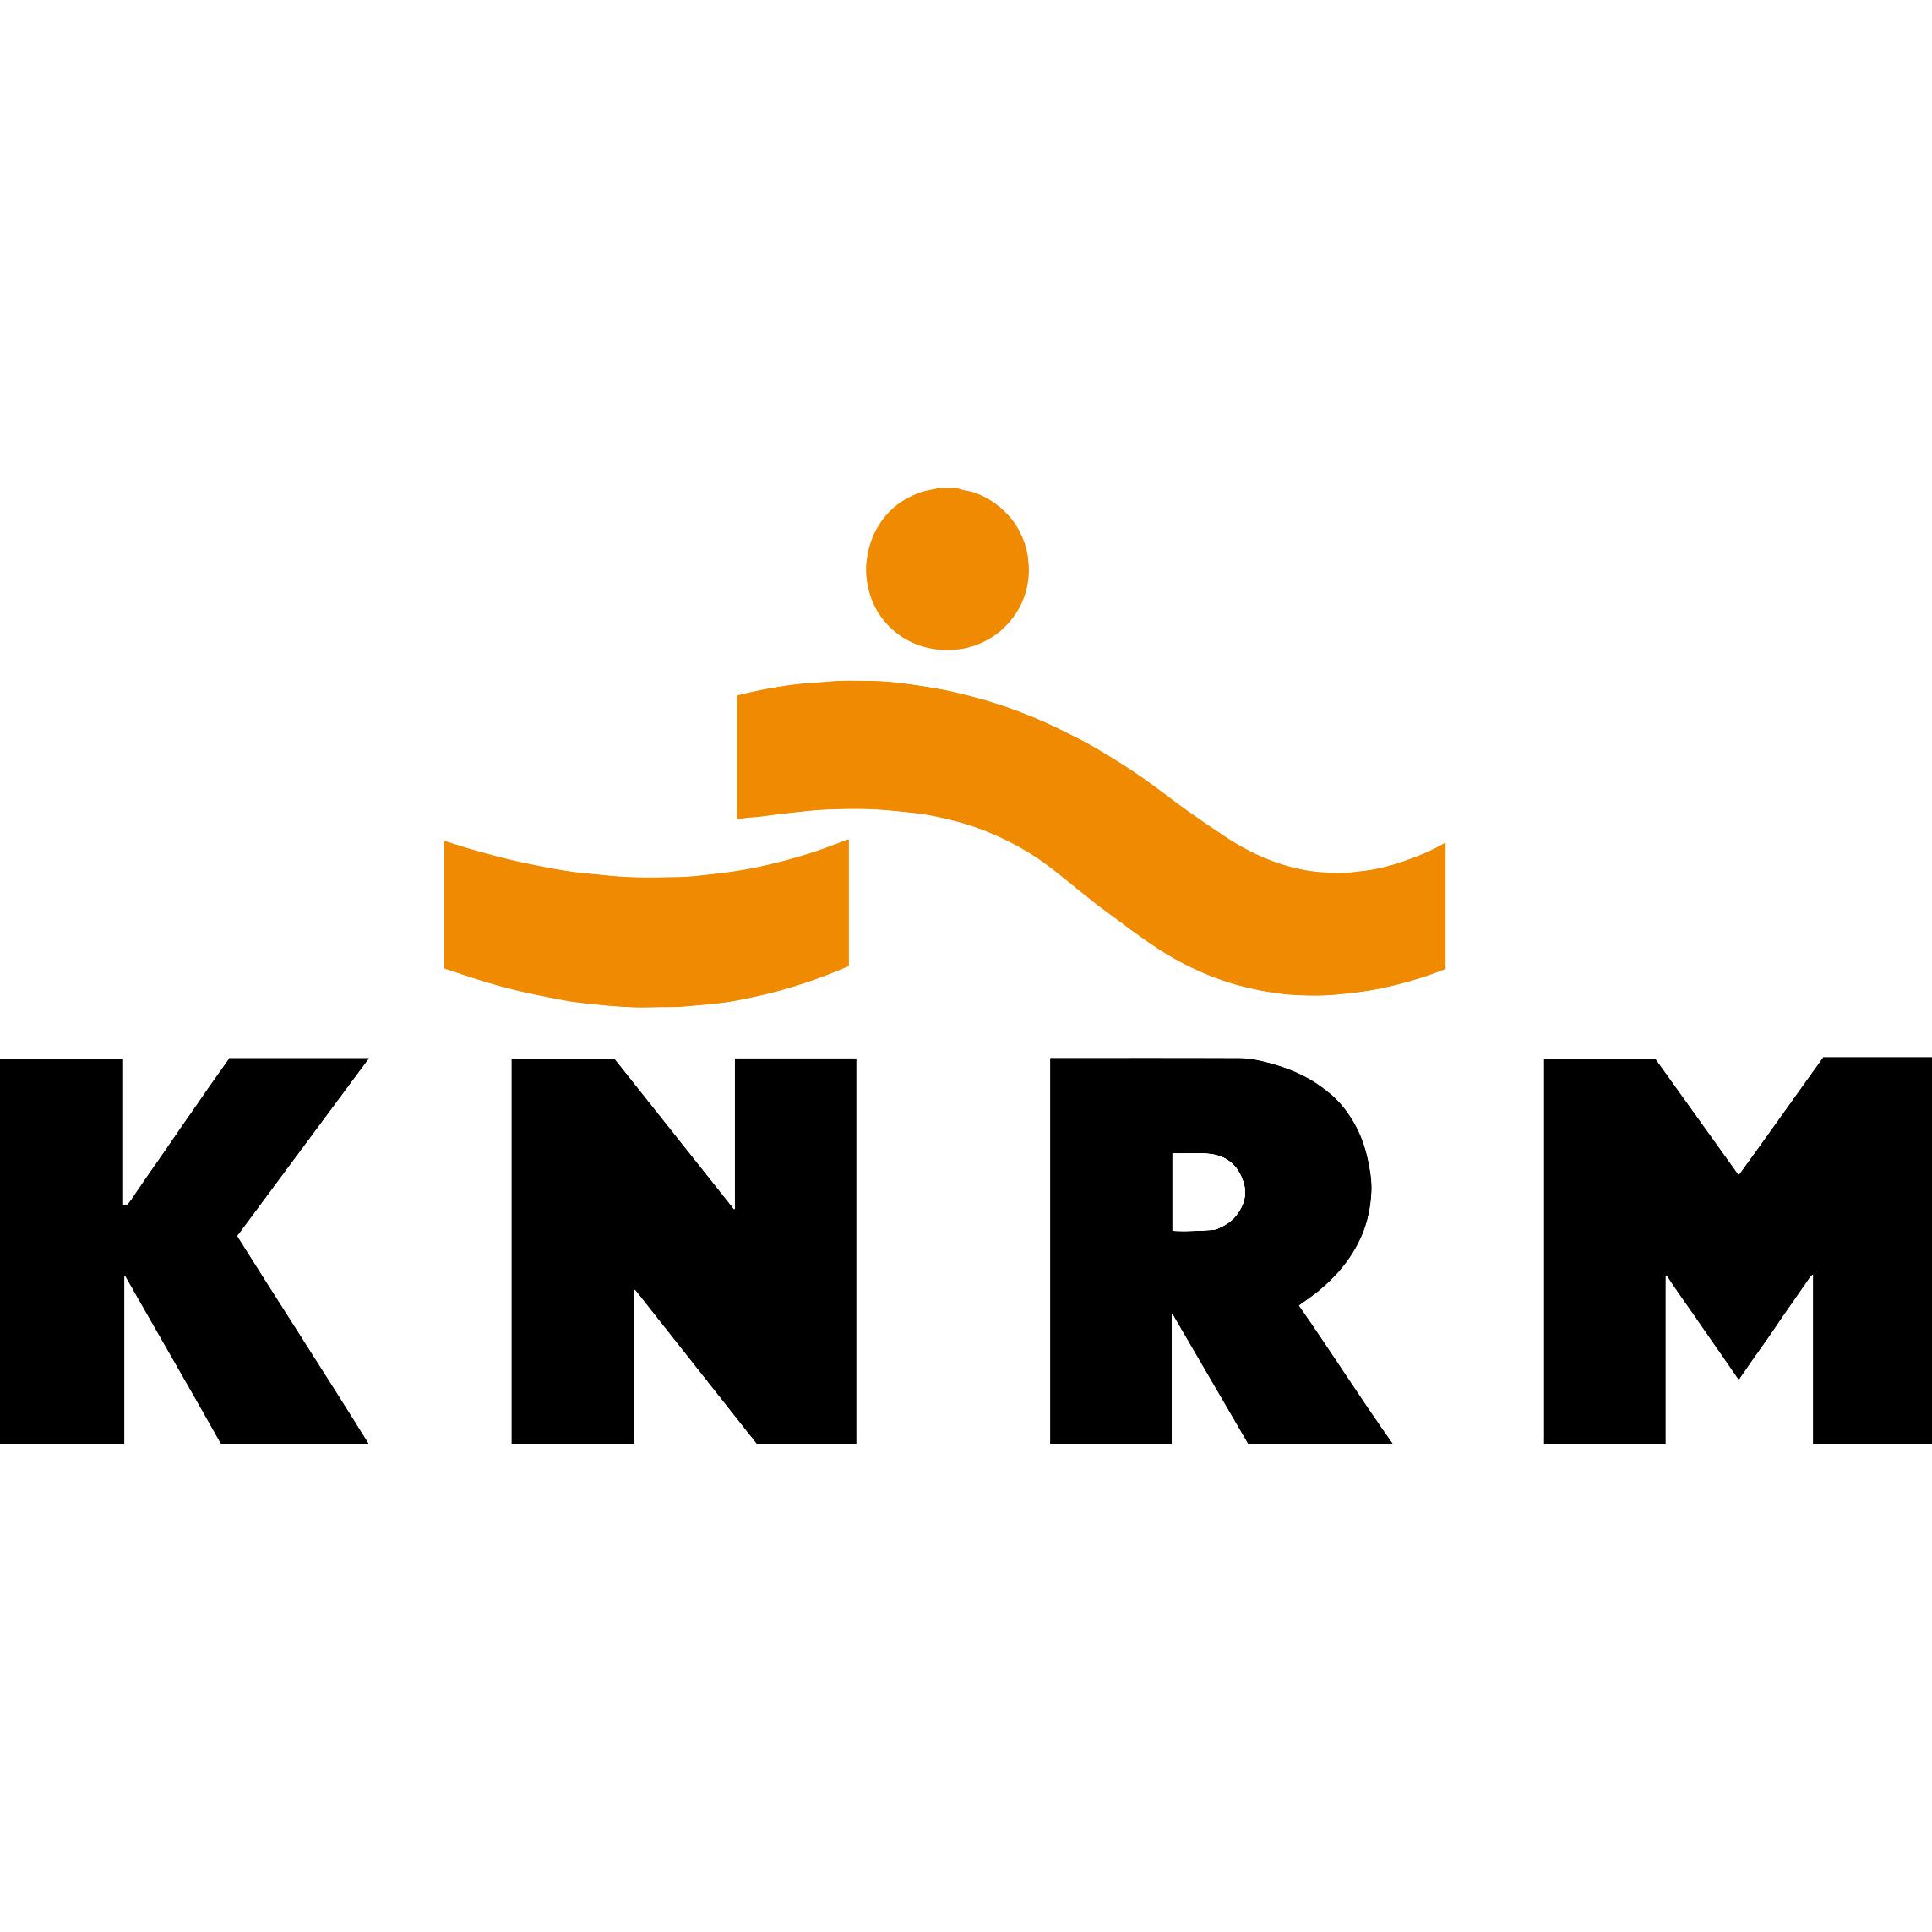 https://www.wijduikenveilig.nl/wp-content/uploads/2019/08/KNRM-HR-transparantPNG.png